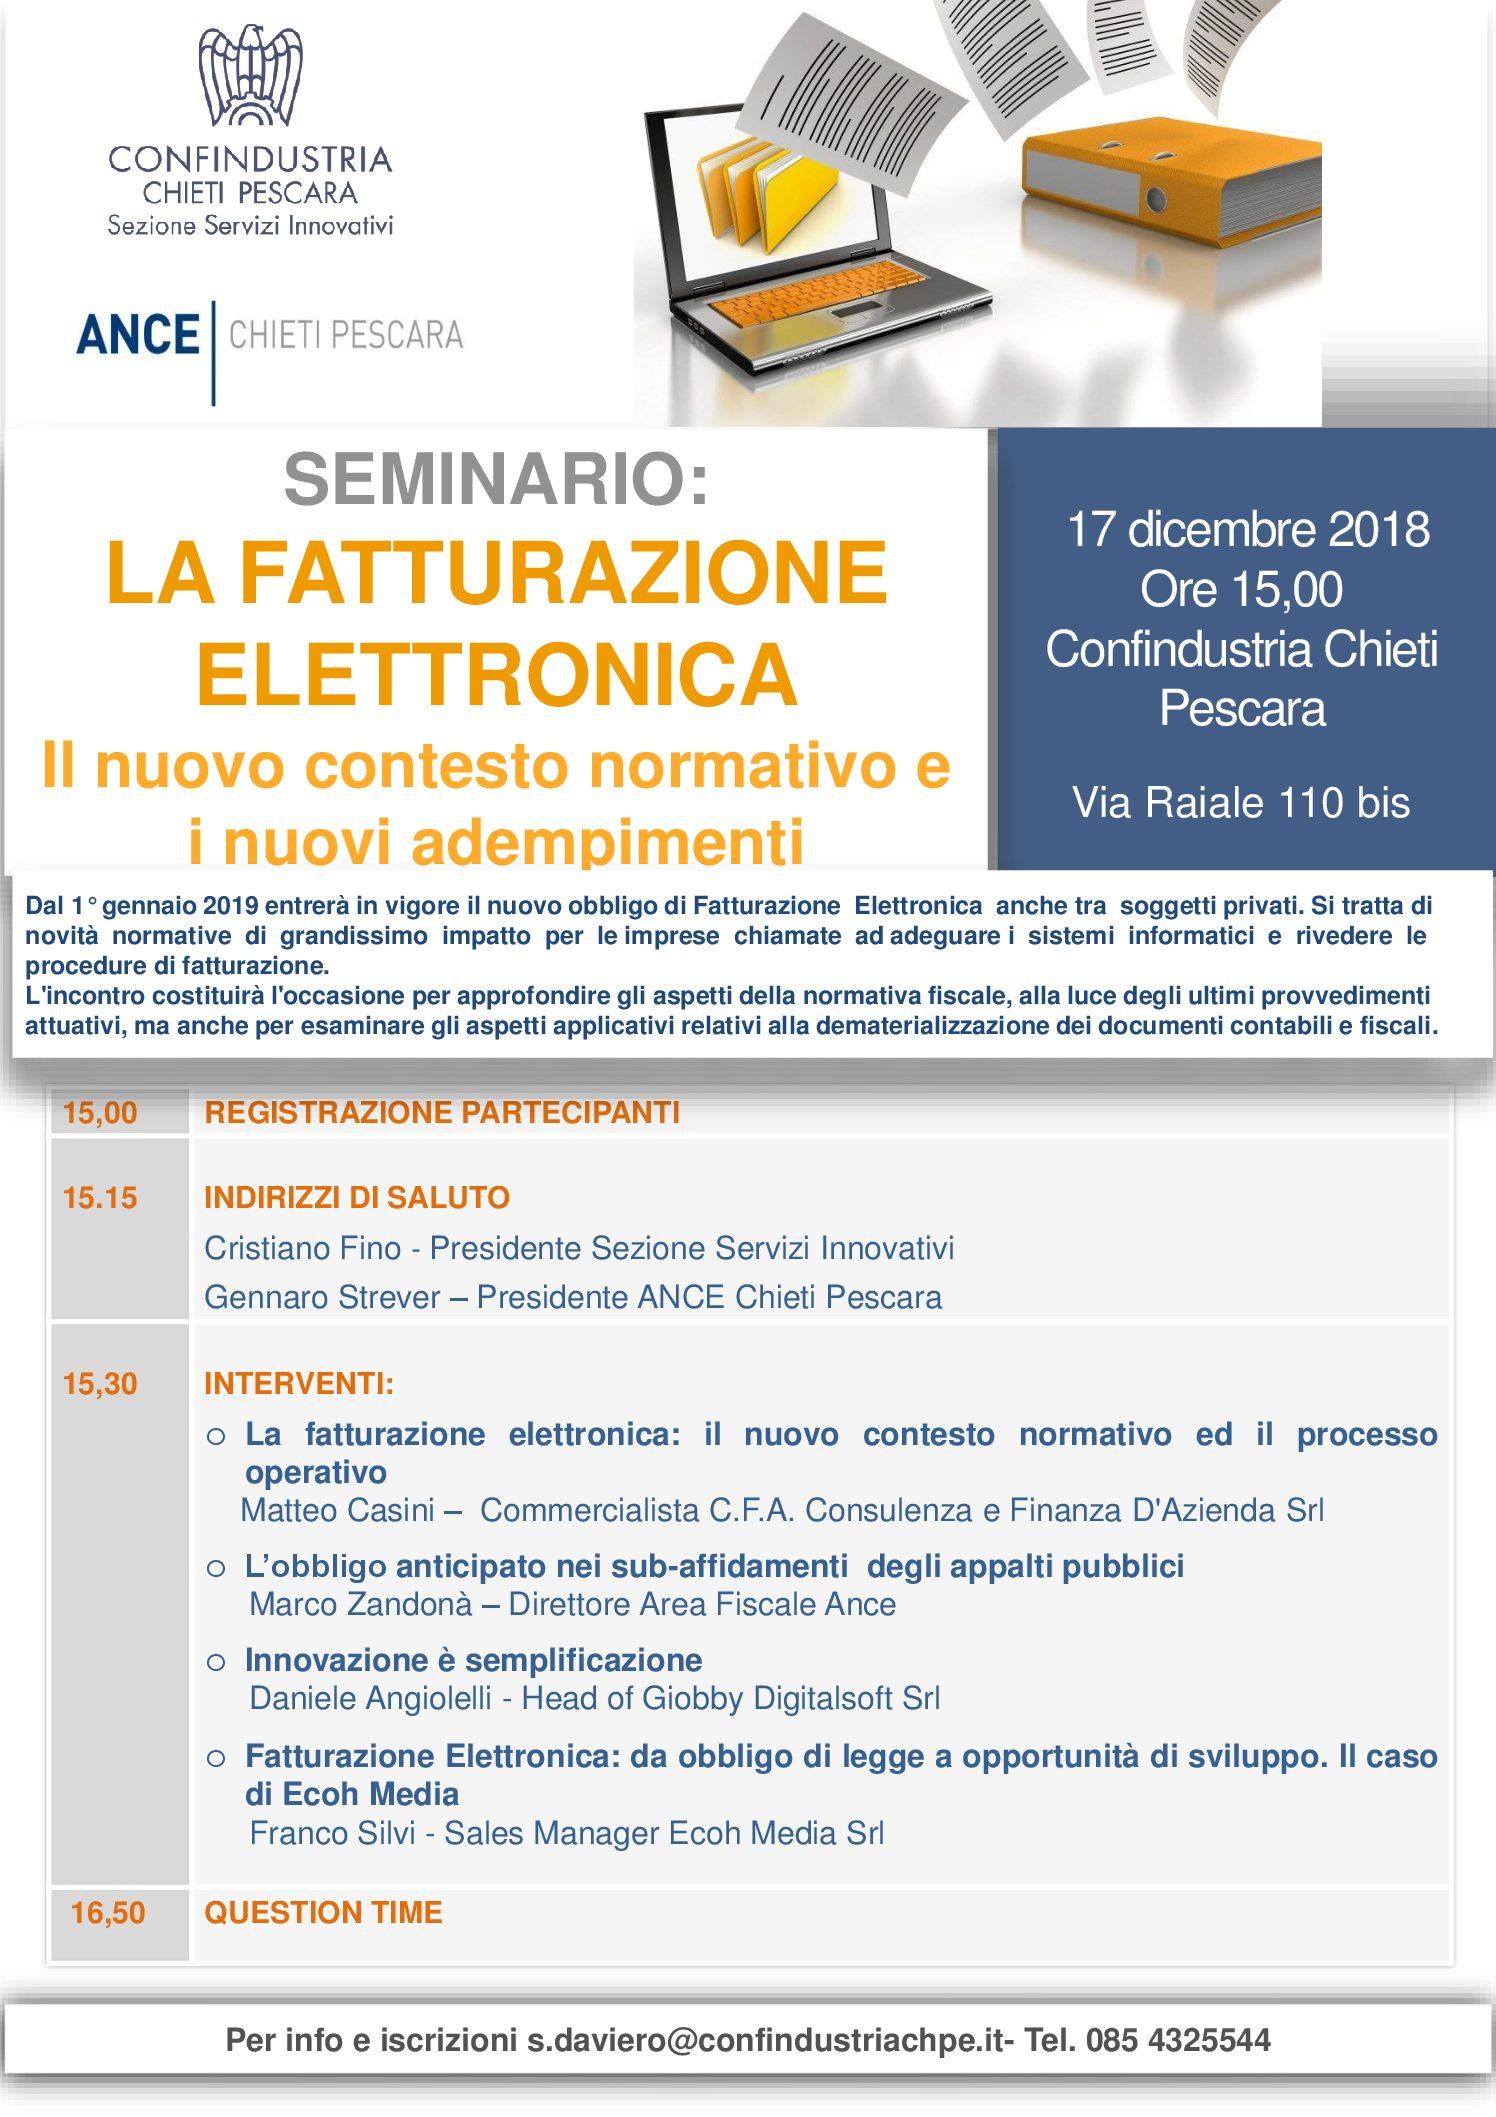 Fatturazione elettronica – Seminario 17 dicembre ore 15,00 presso Confindustria Chieti Pescara